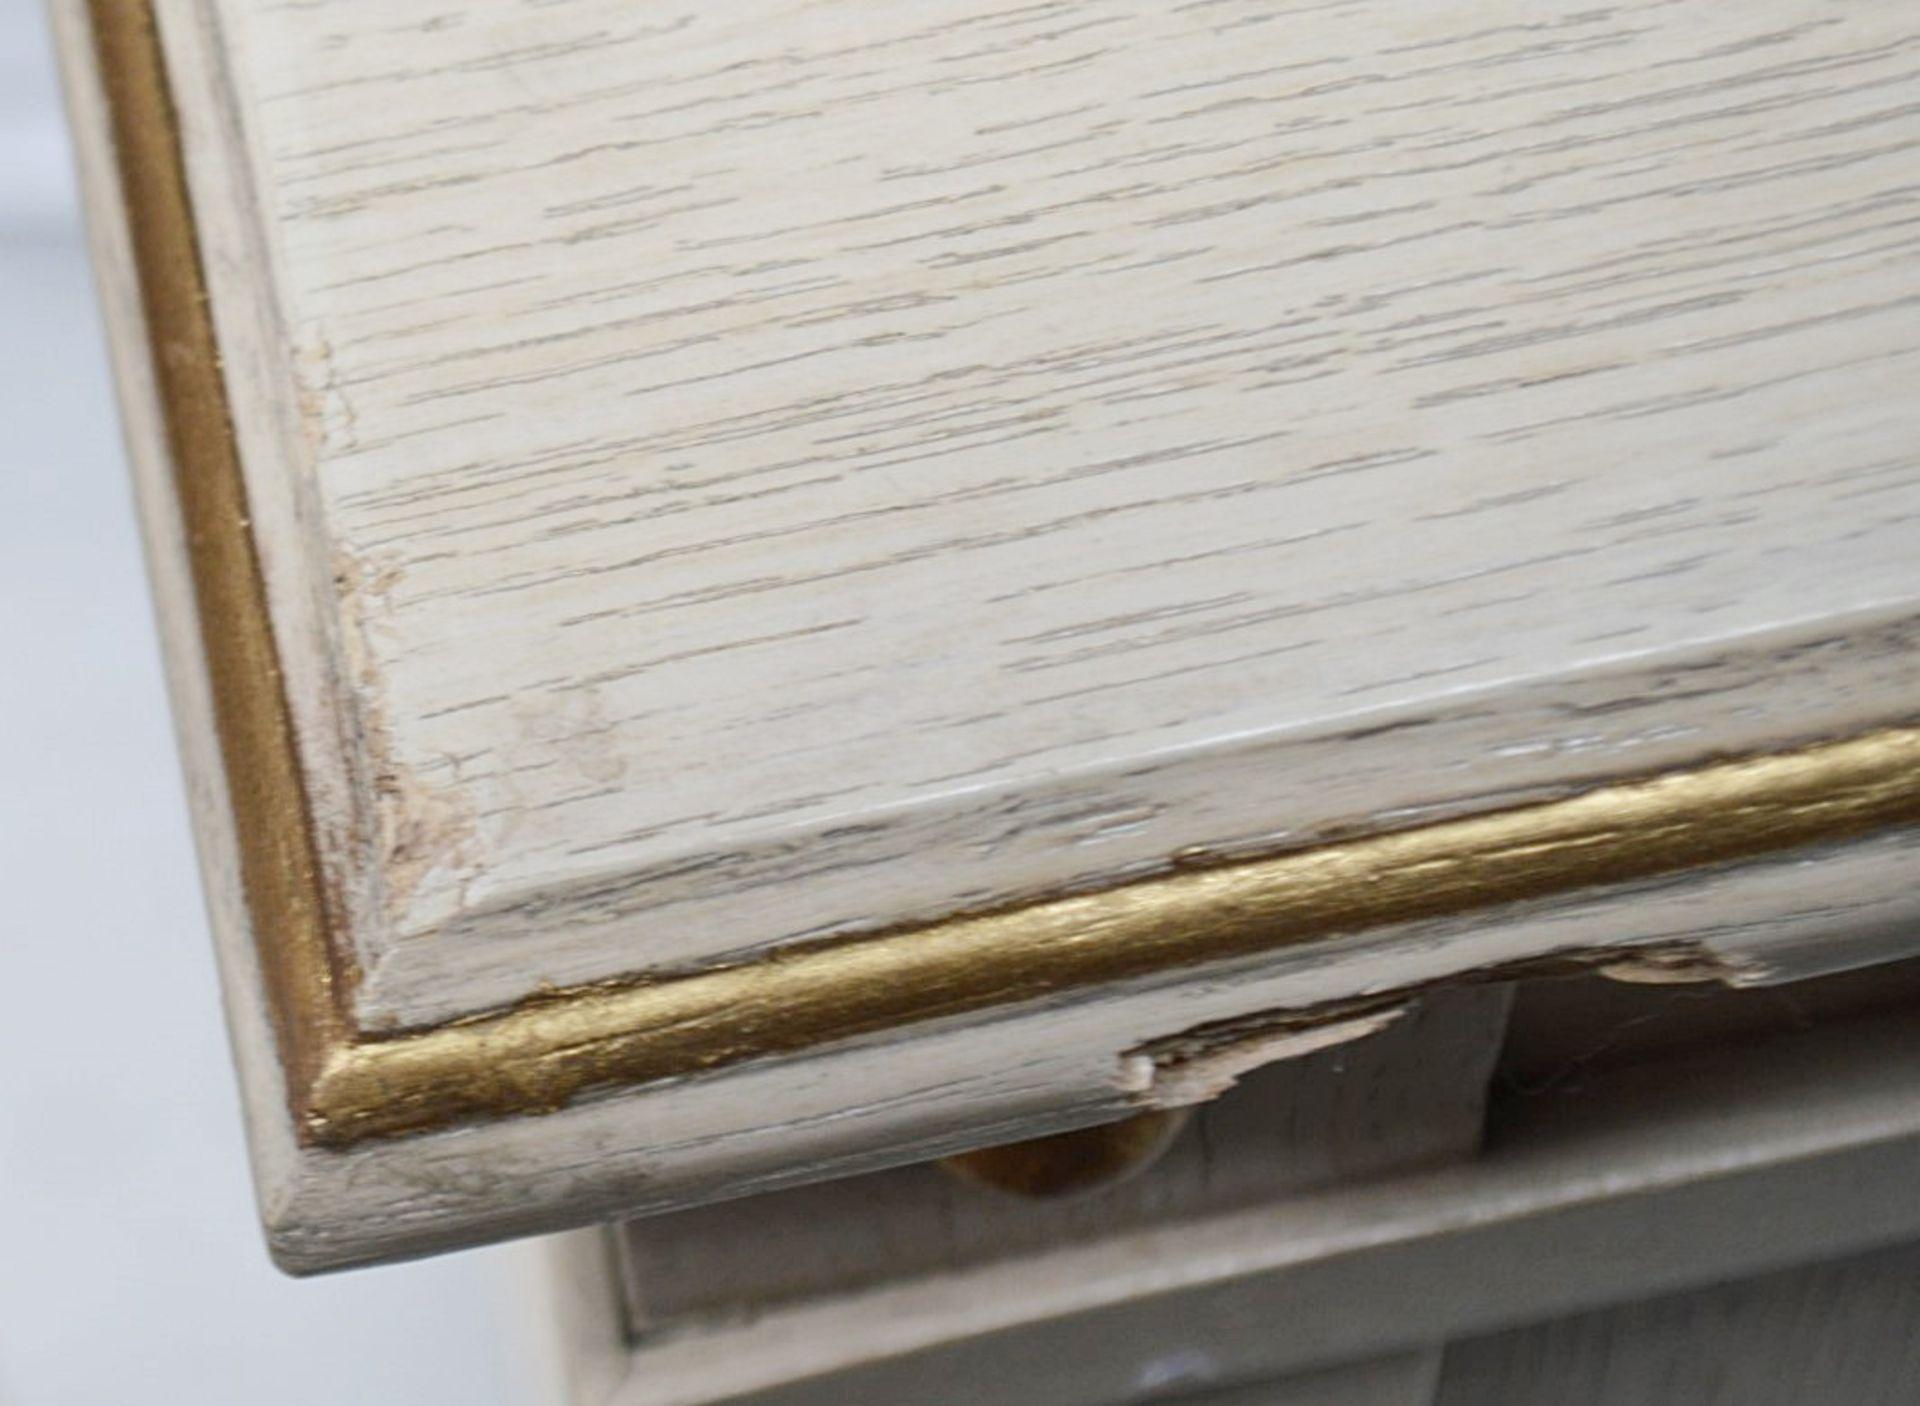 1 x JUSTIN VAN BREDA 'Monty' DesignerRegency-inspired3-Door Sideboard - Original RRP £9,700 - Image 9 of 16